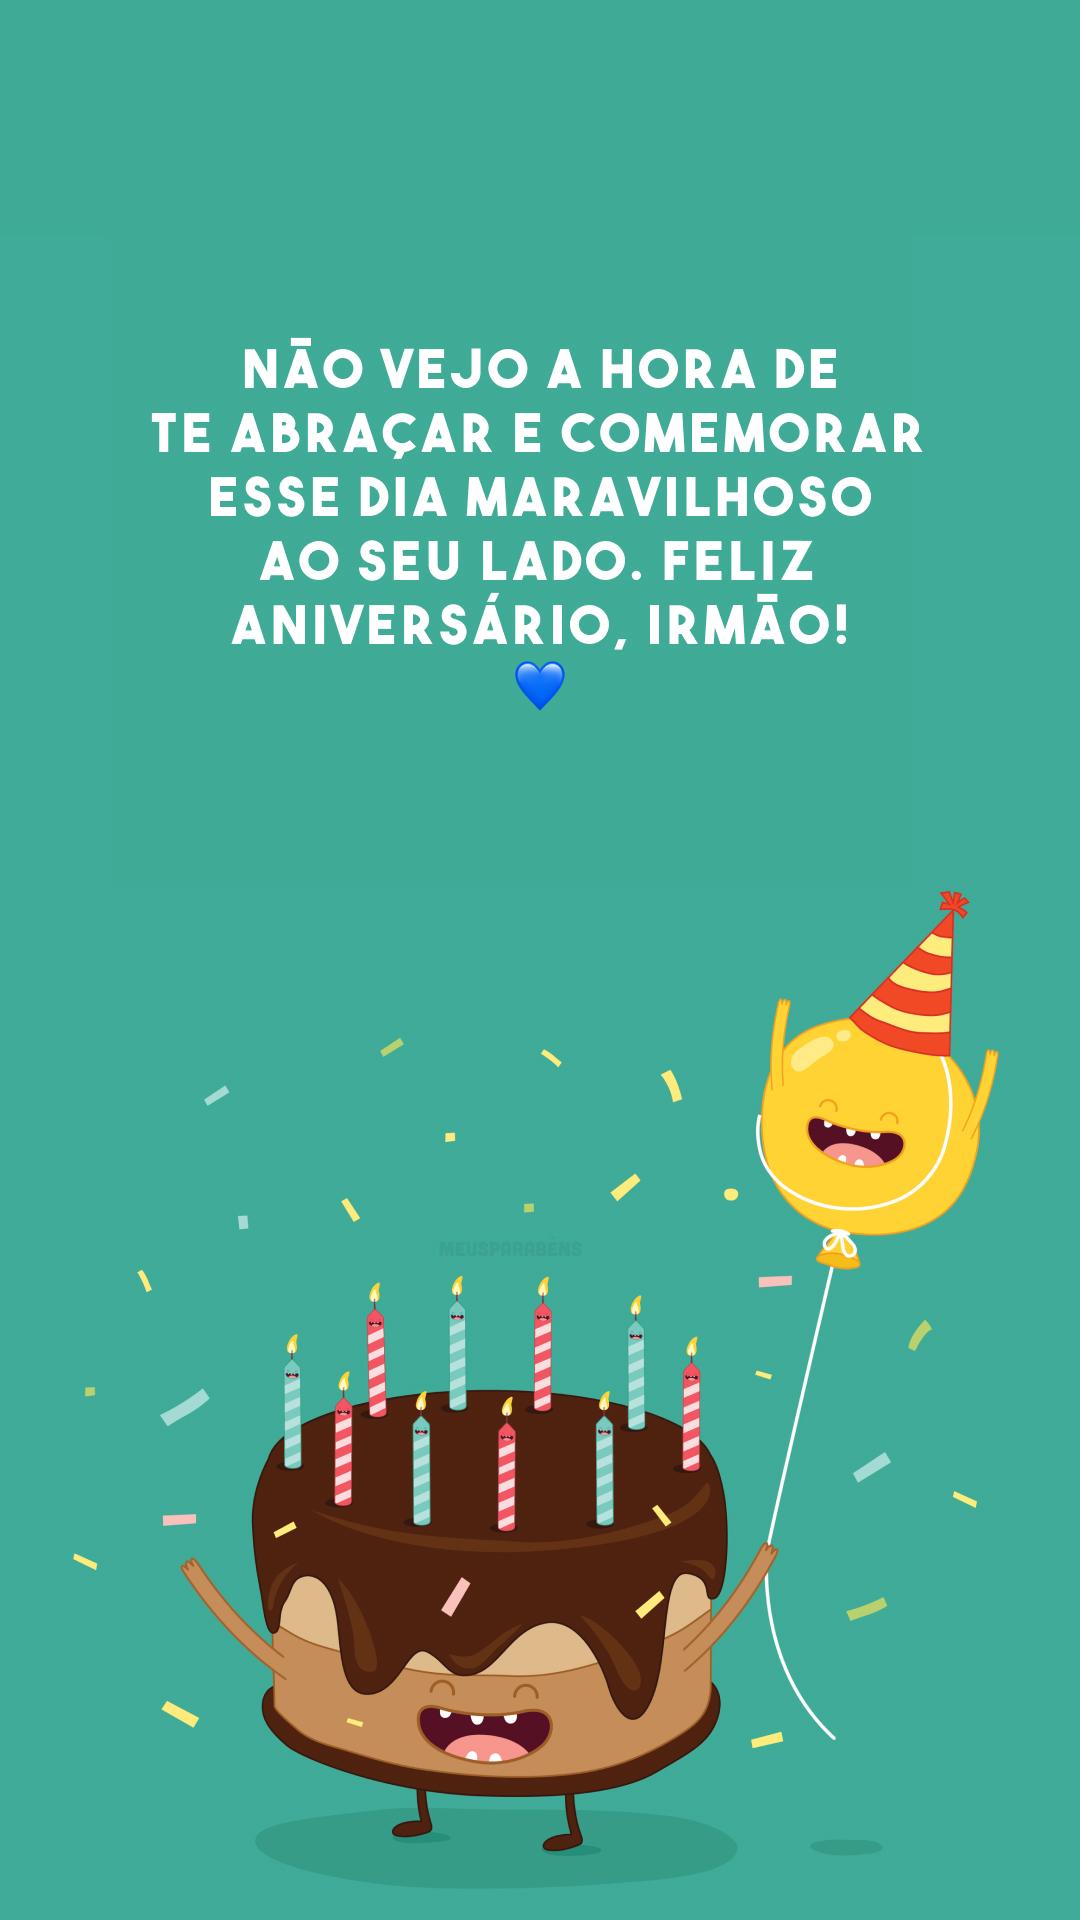 Não vejo a hora de te abraçar e comemorar esse dia maravilhoso ao seu lado. Feliz aniversário, irmão! 💙